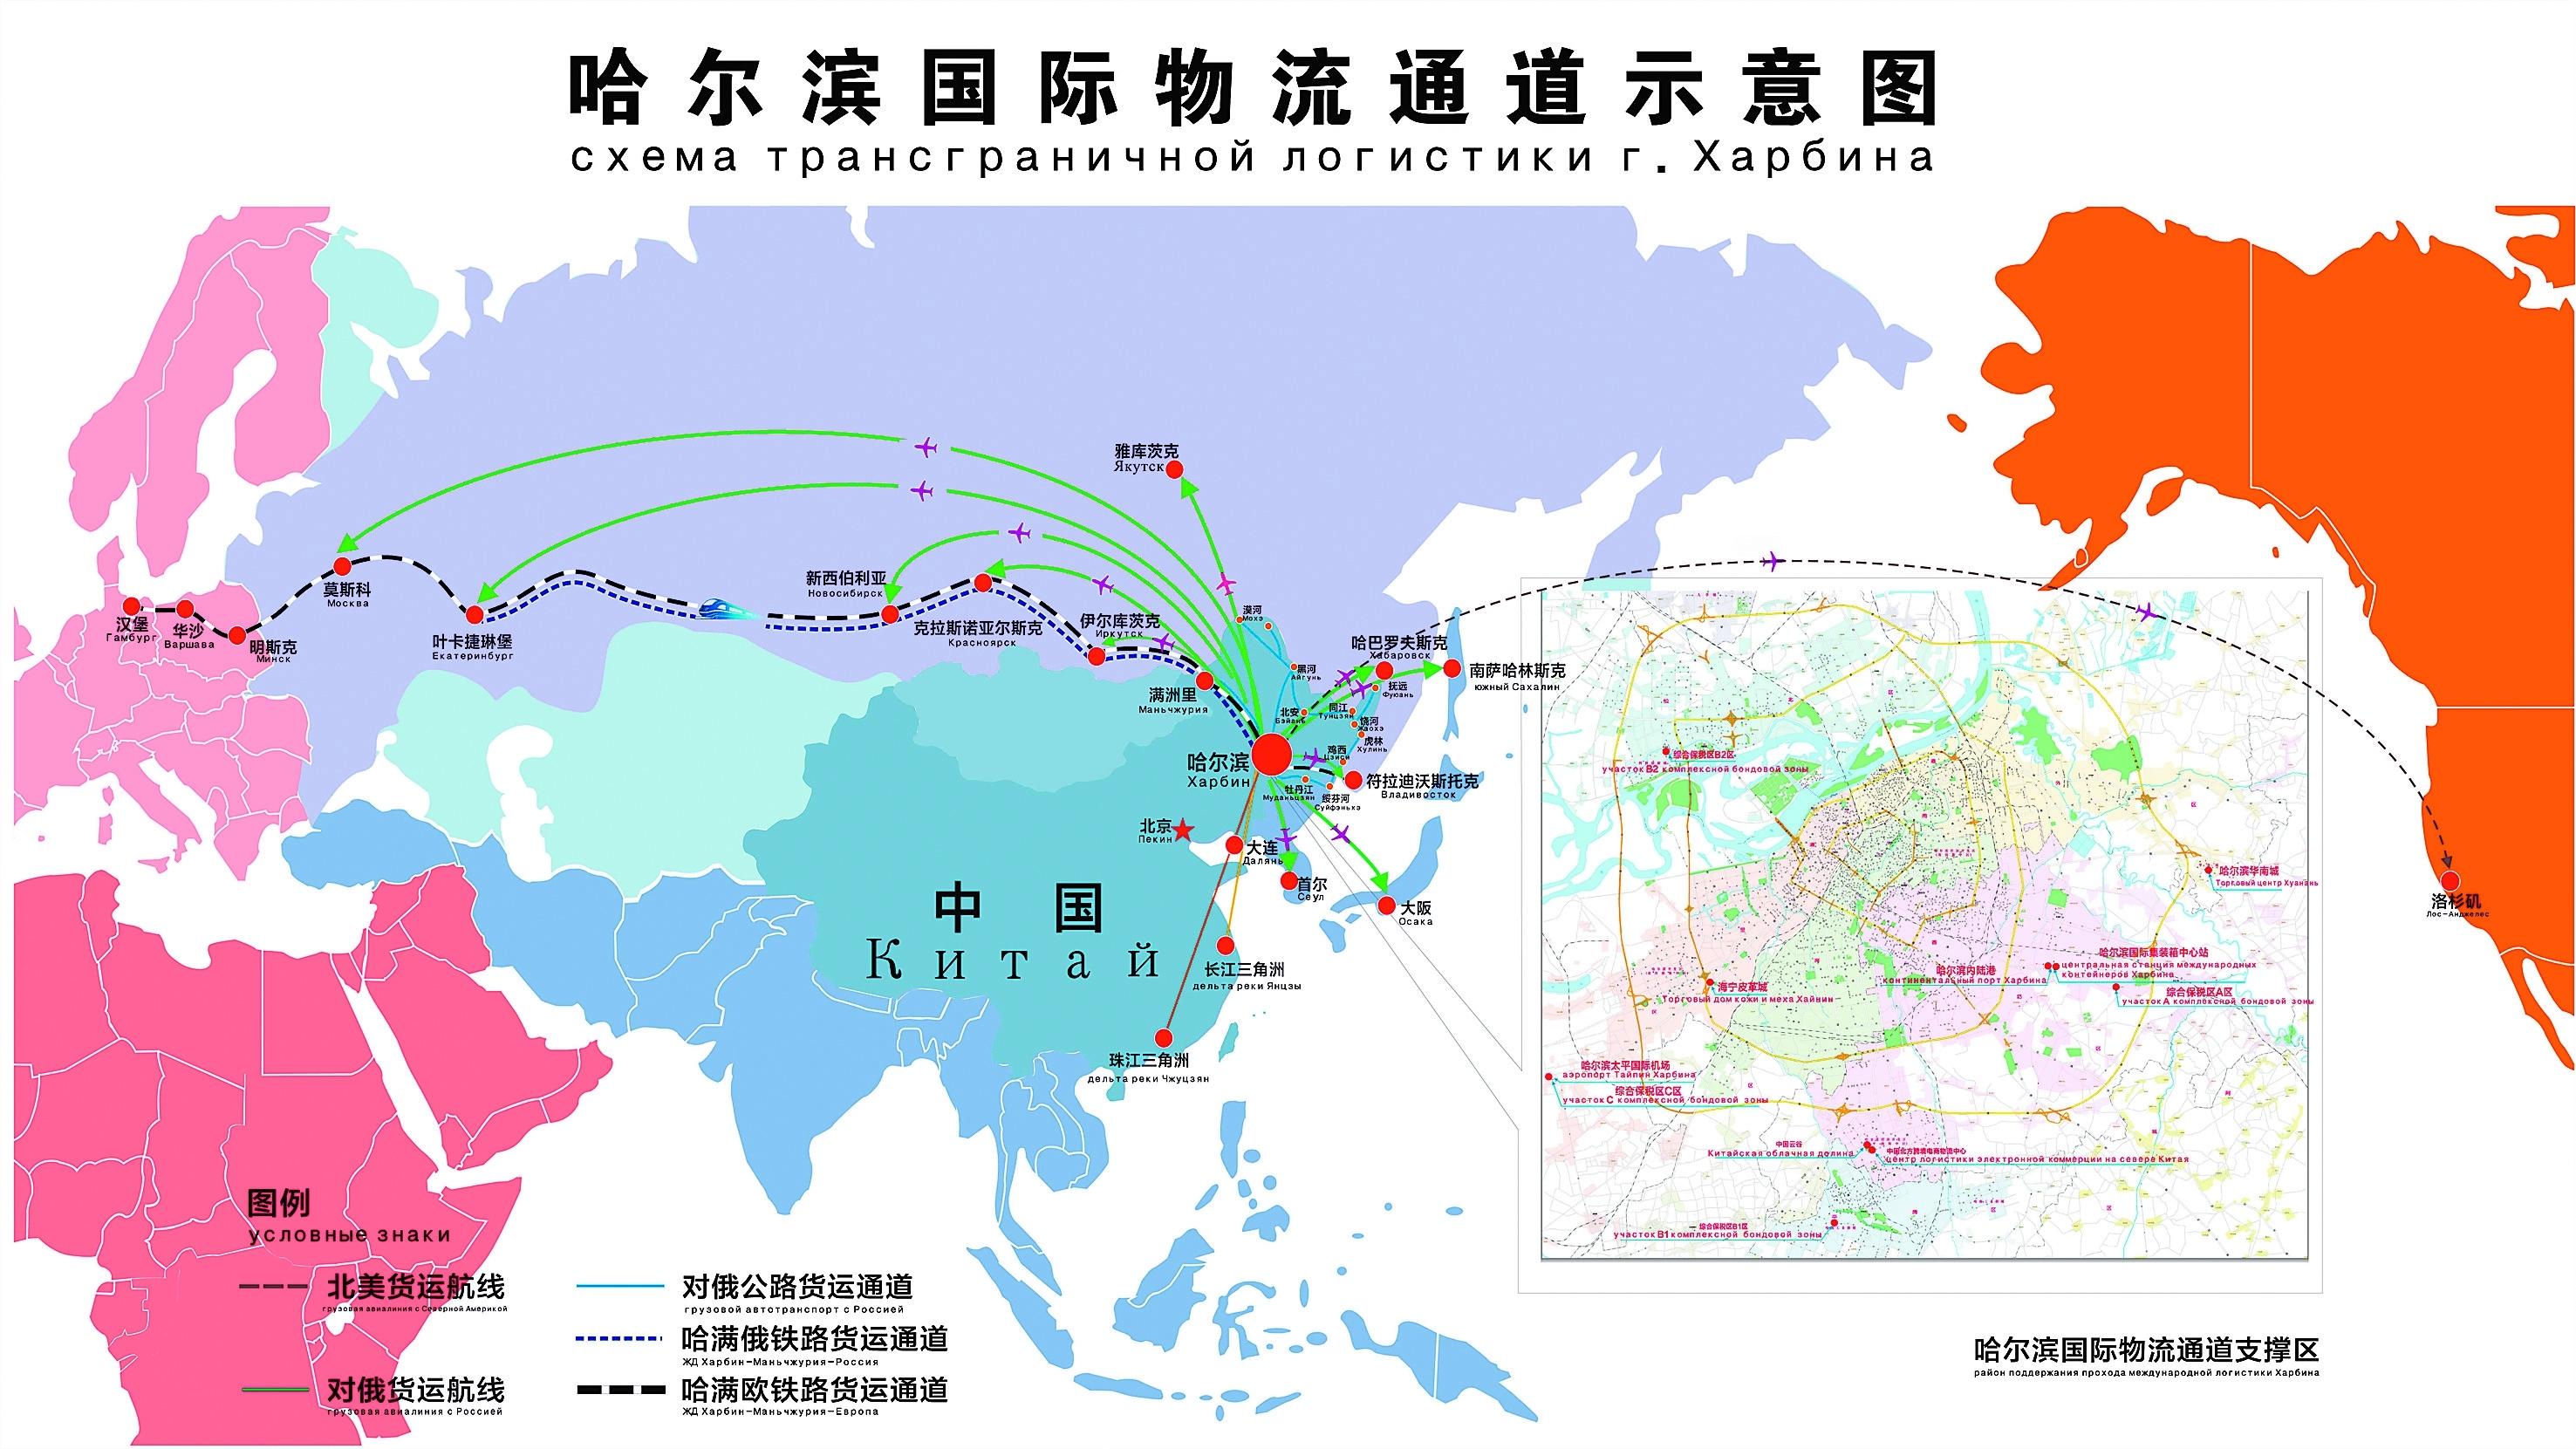 """"""" 跨境铁路货运常态化 2015年6月,哈尔滨至德国汉堡的哈欧国际货运班"""